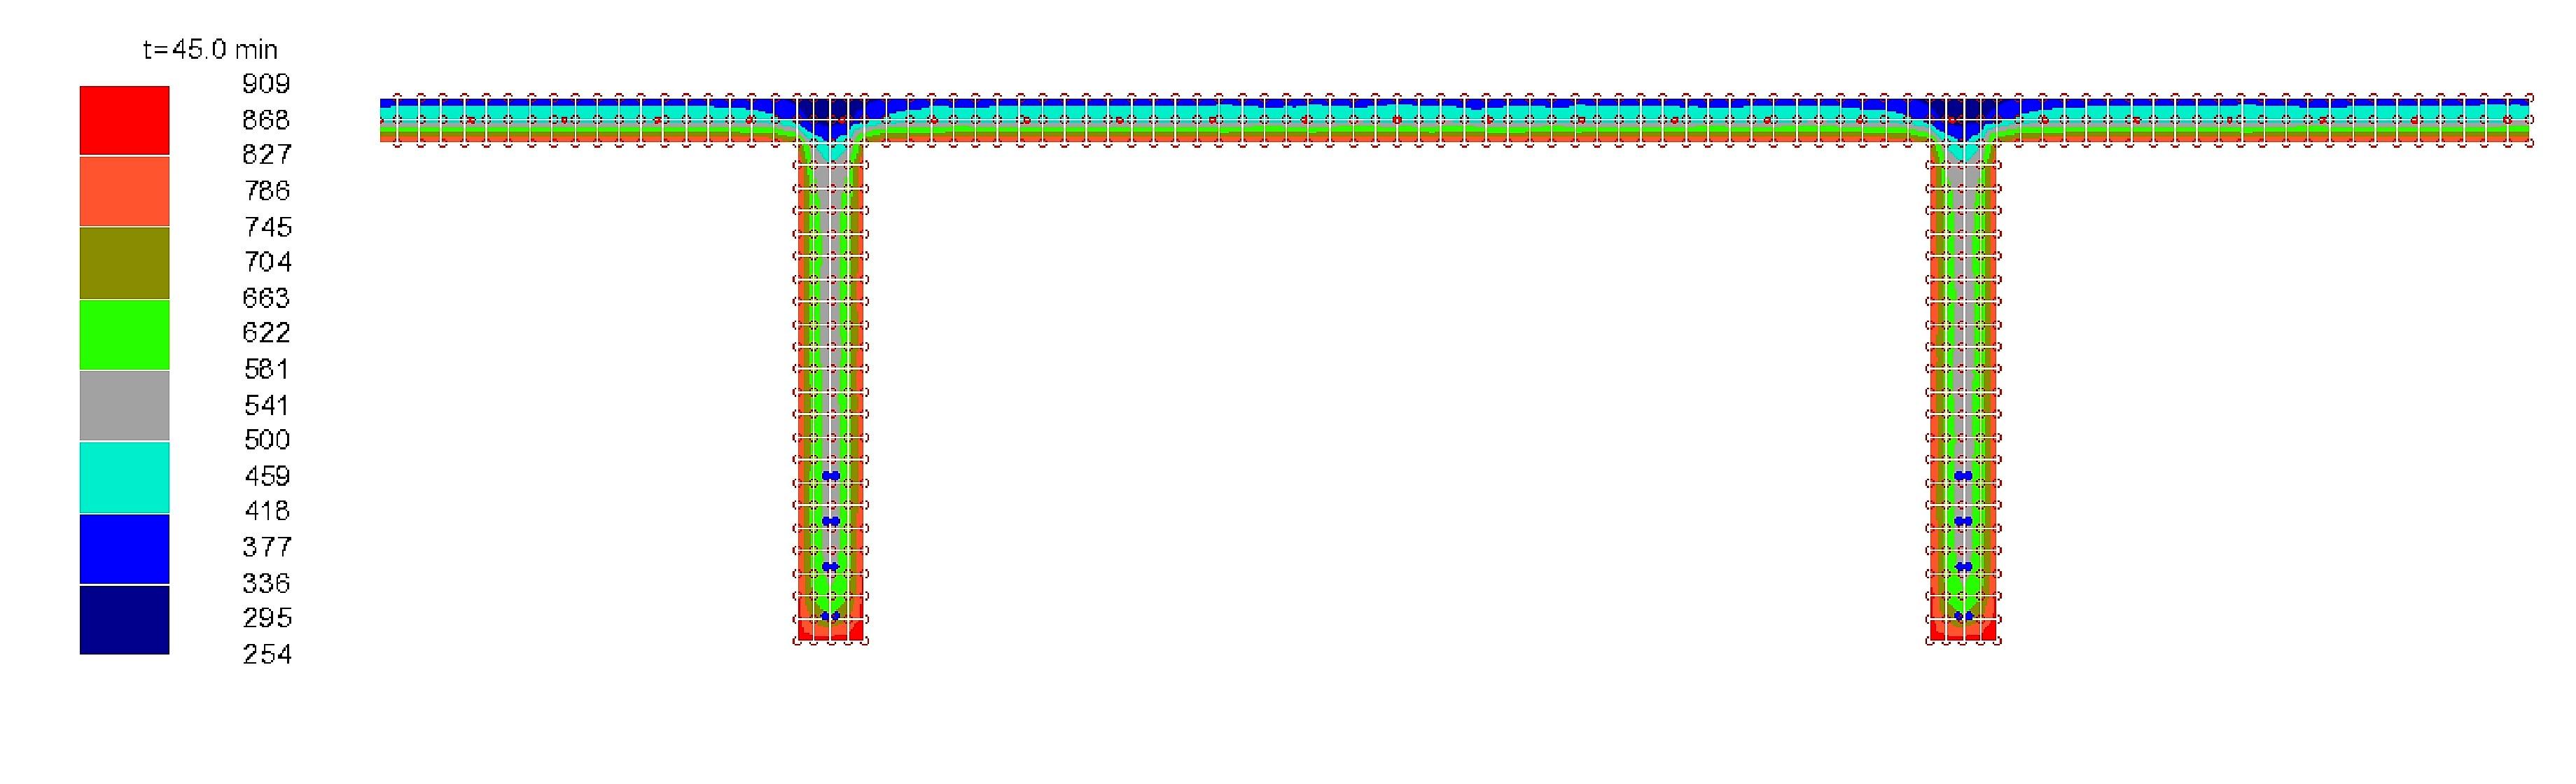 Analisi termica di un tegolo di copertura